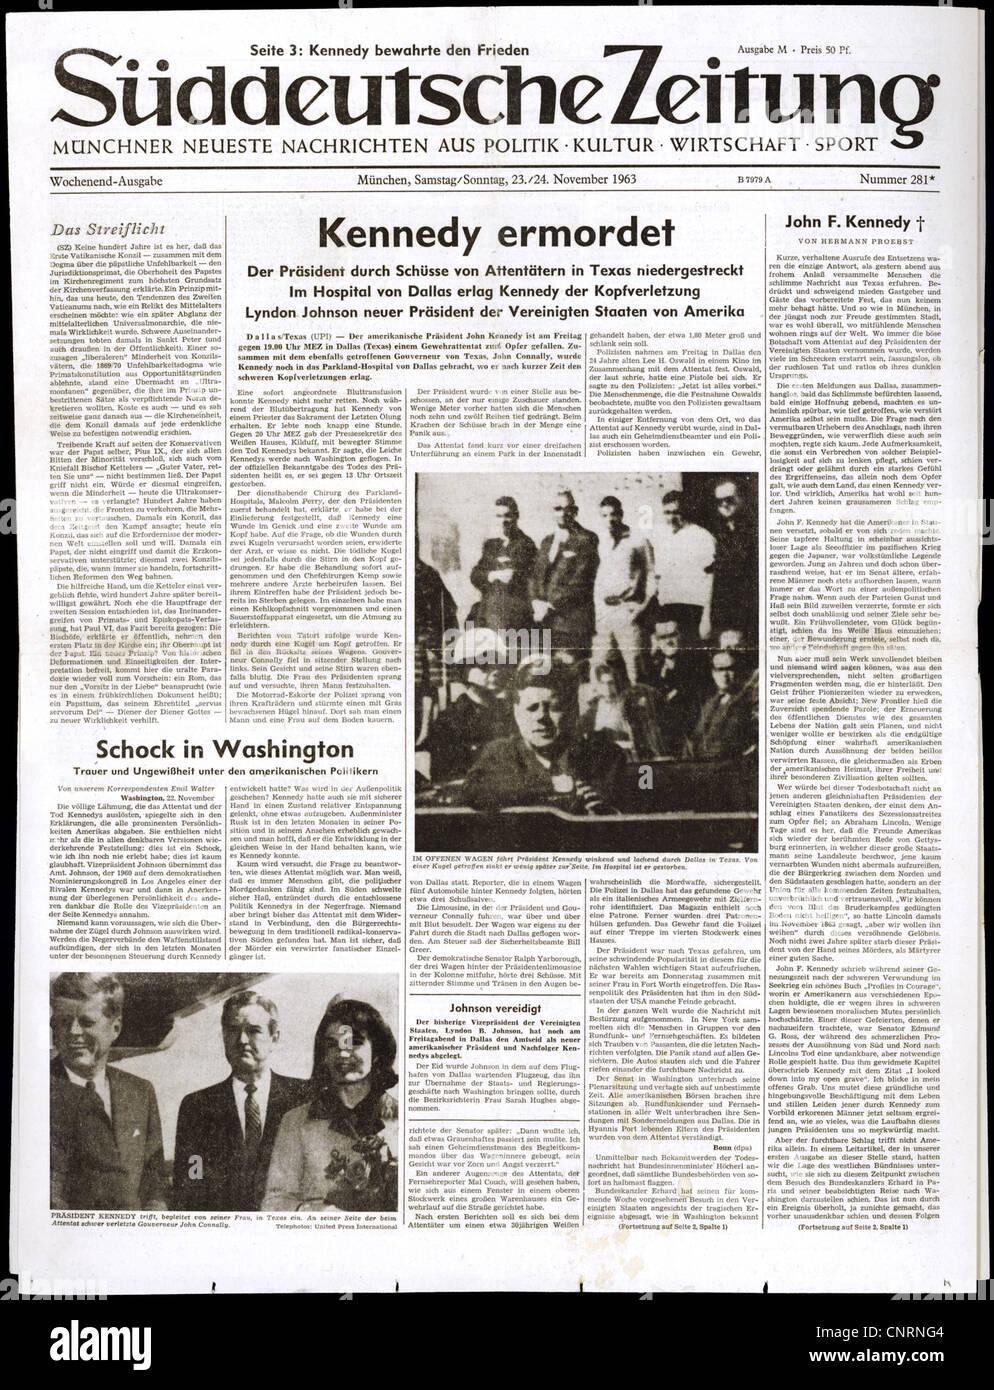 press / media, newspapers / journals, 'Sueddeutsche Zeitung', No. 281, Munich, 23./24.11.1963, front page, - Stock Image